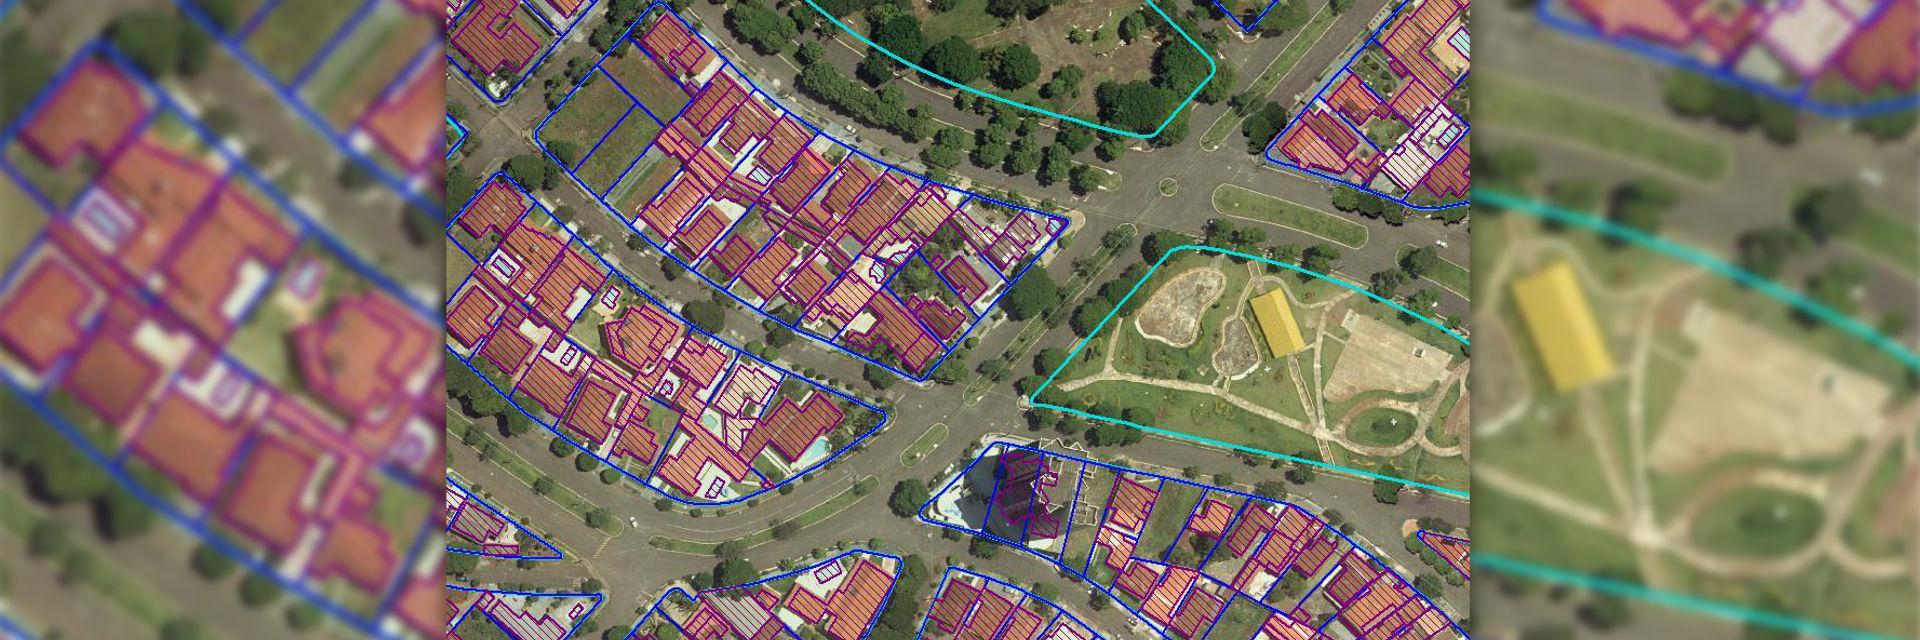 Recadastramento Imobiliário – Ourinhos (SP)